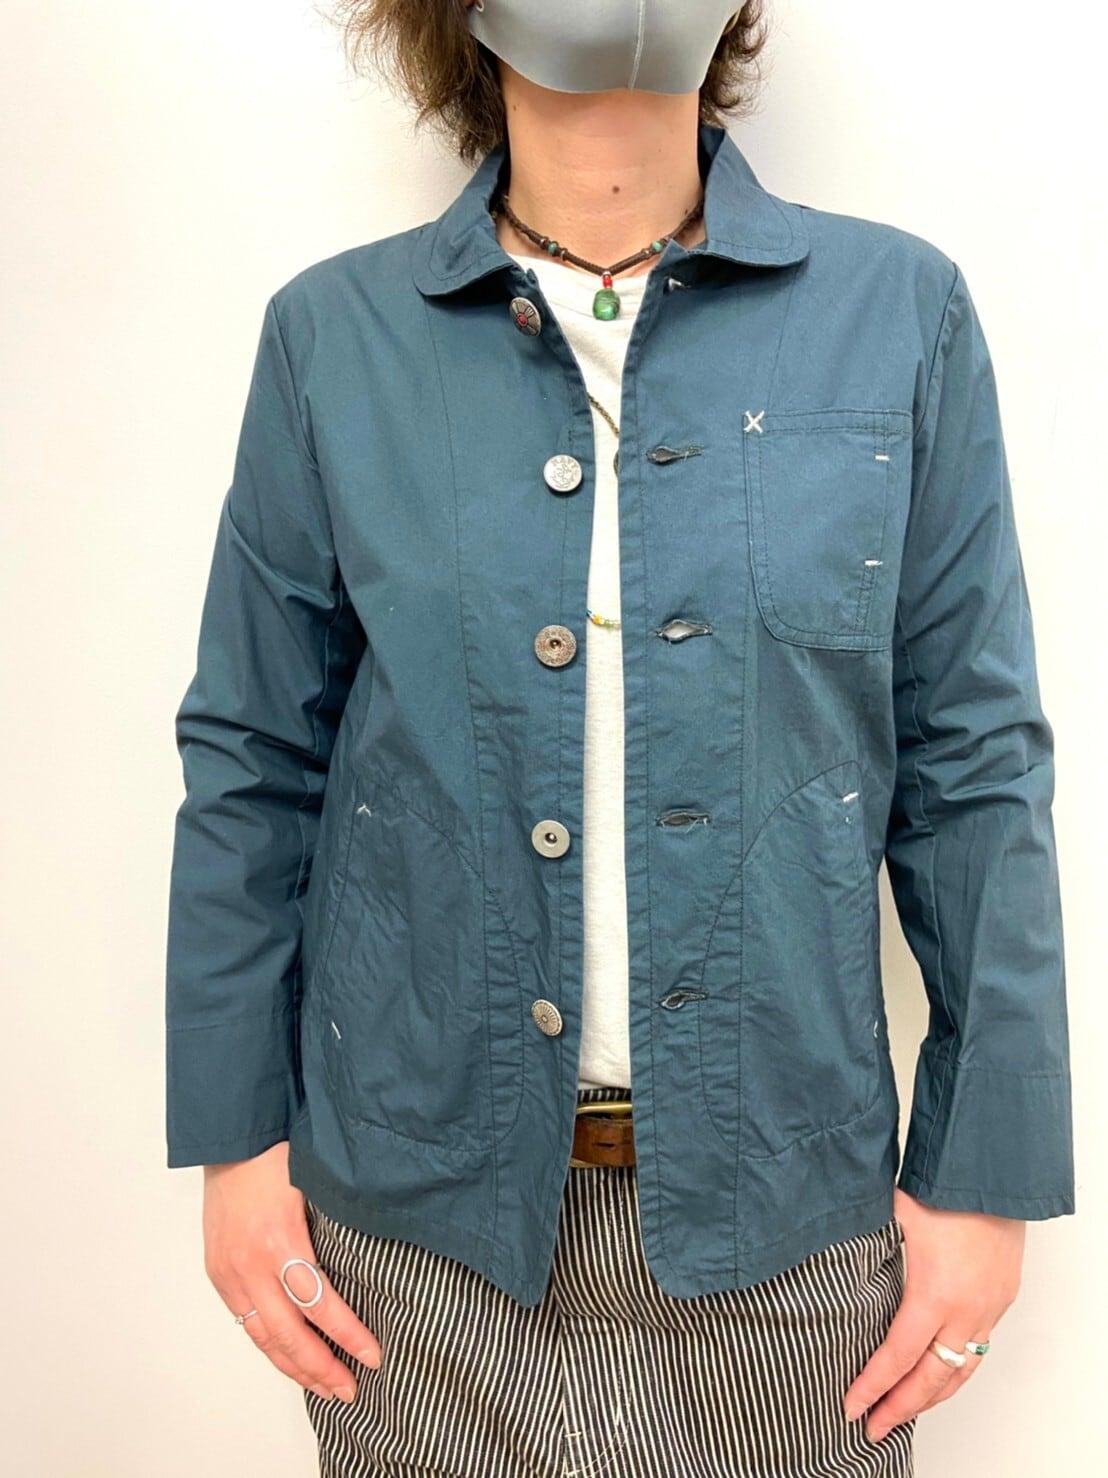 【ONEWASH】天日干しビンテージワッシャーワークジャケット